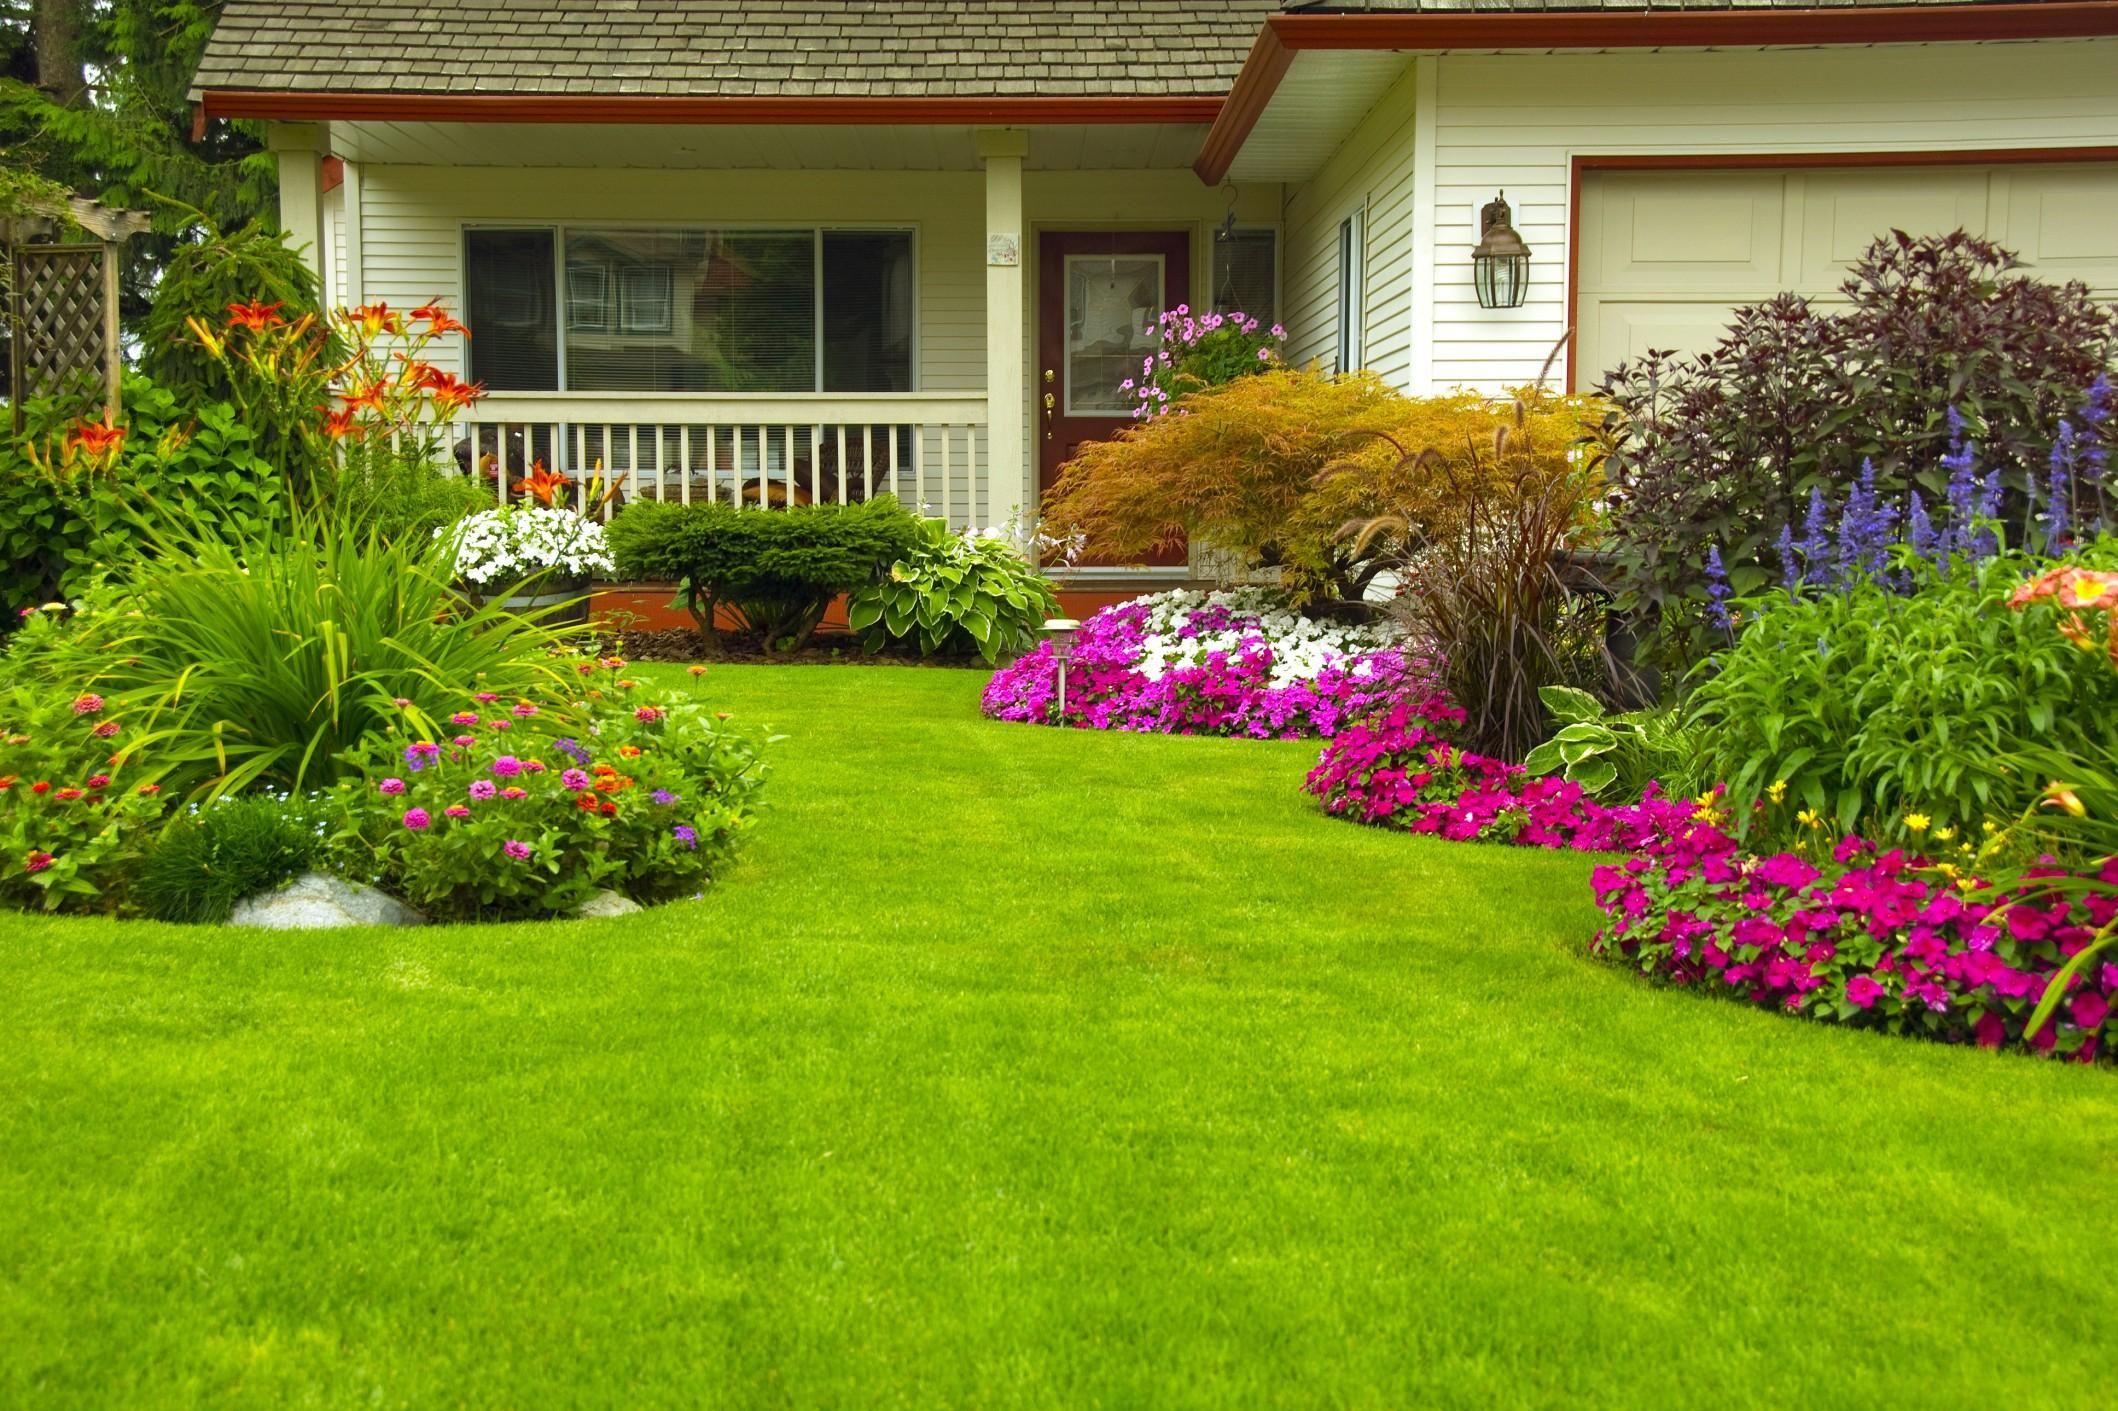 Sistemare Giardino Di Casa come decorare le aiuole del giardino | giardino, aiuole